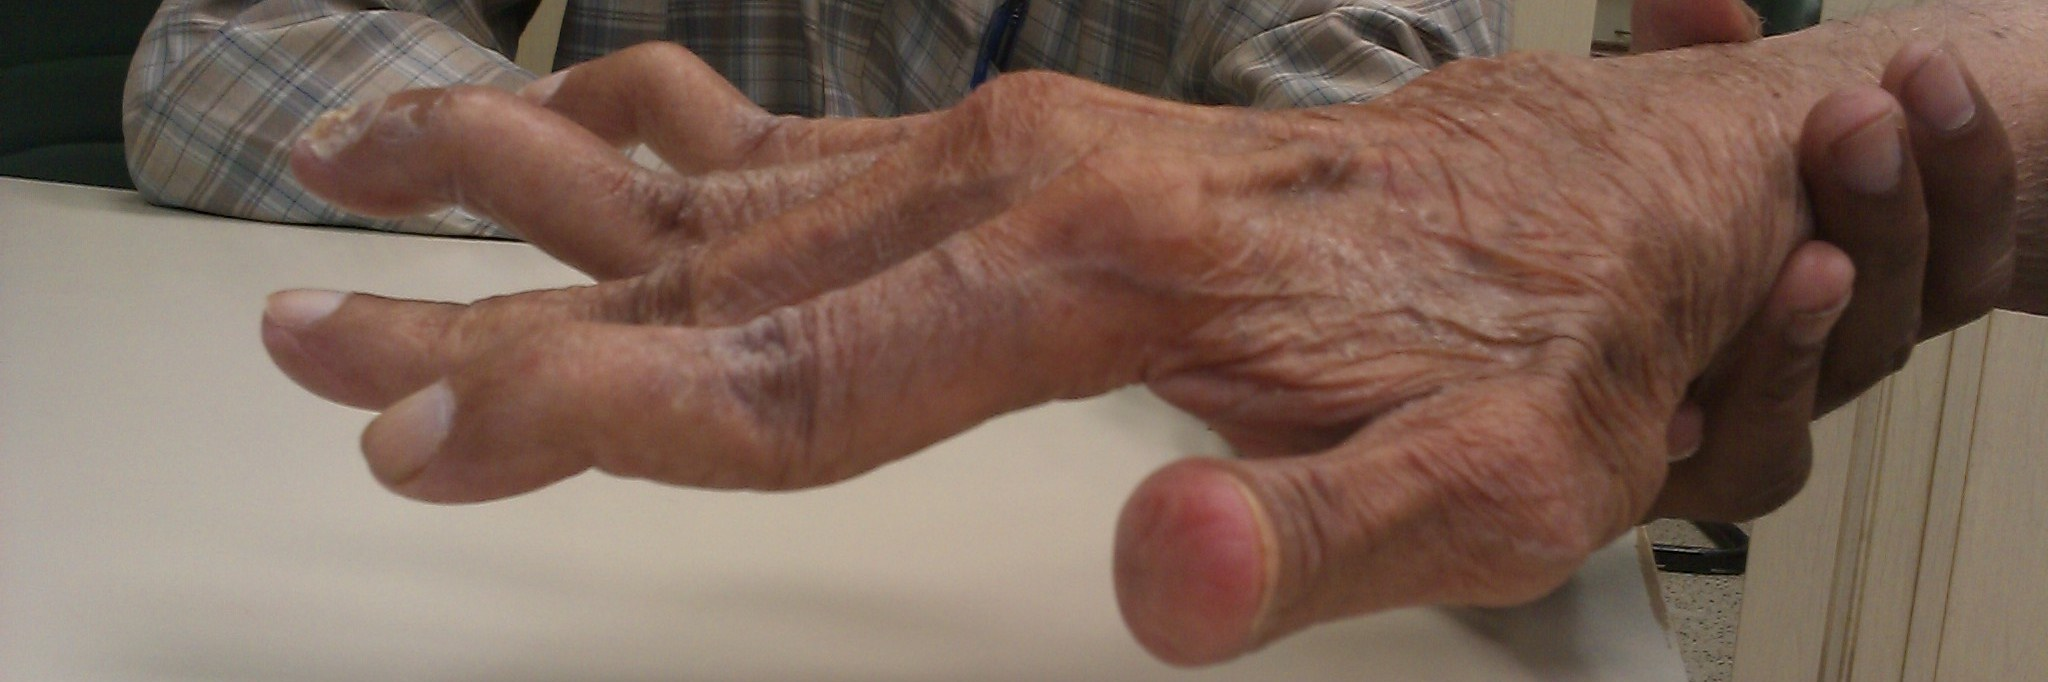 triệu chứng đau khớp ngón tay